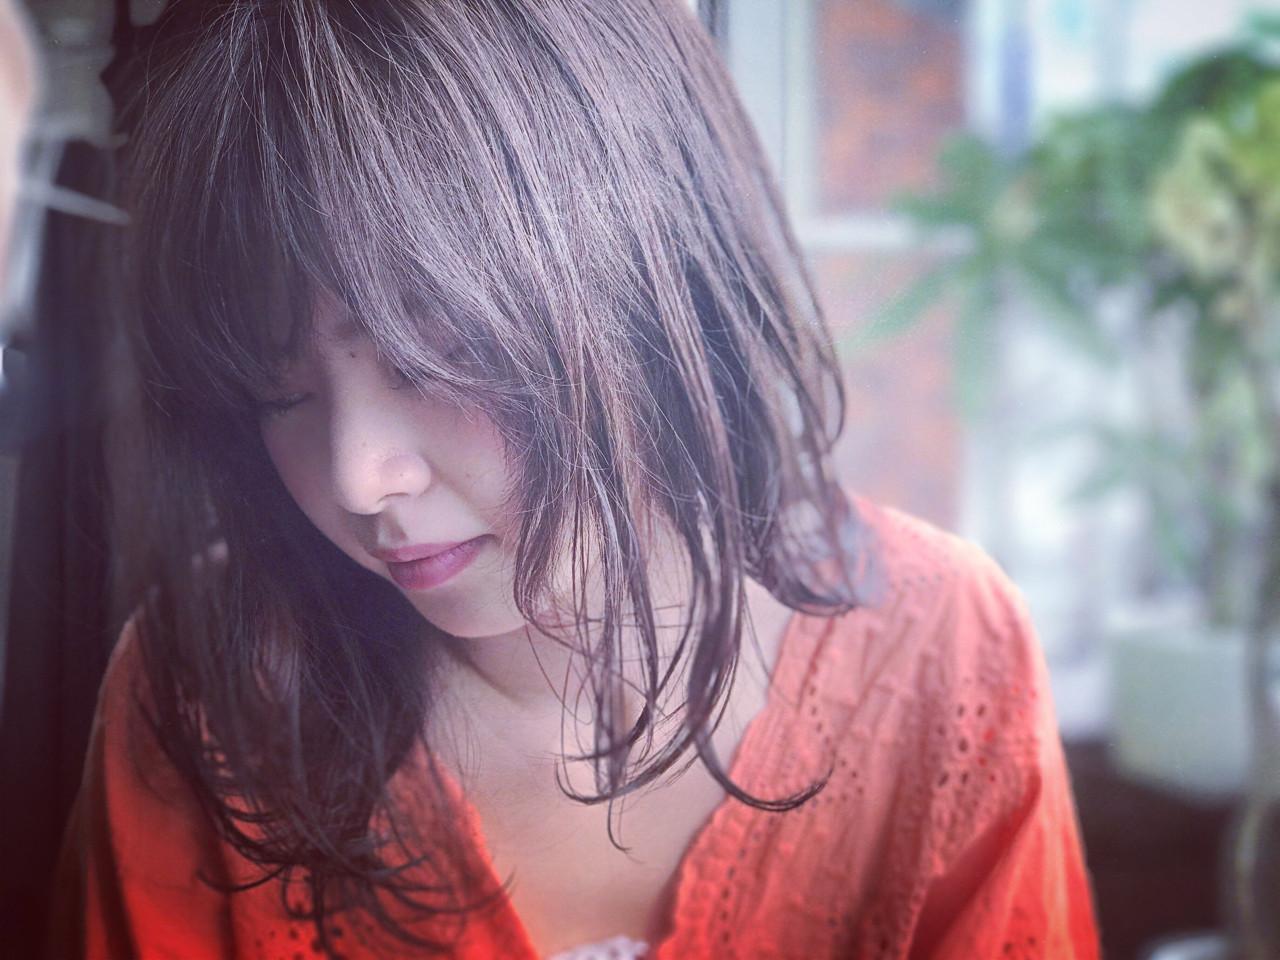 ウェーブ ネイビー 梅雨 セミロング ヘアスタイルや髪型の写真・画像 | カワマタ リョウスケ / w h i t e . 梅田